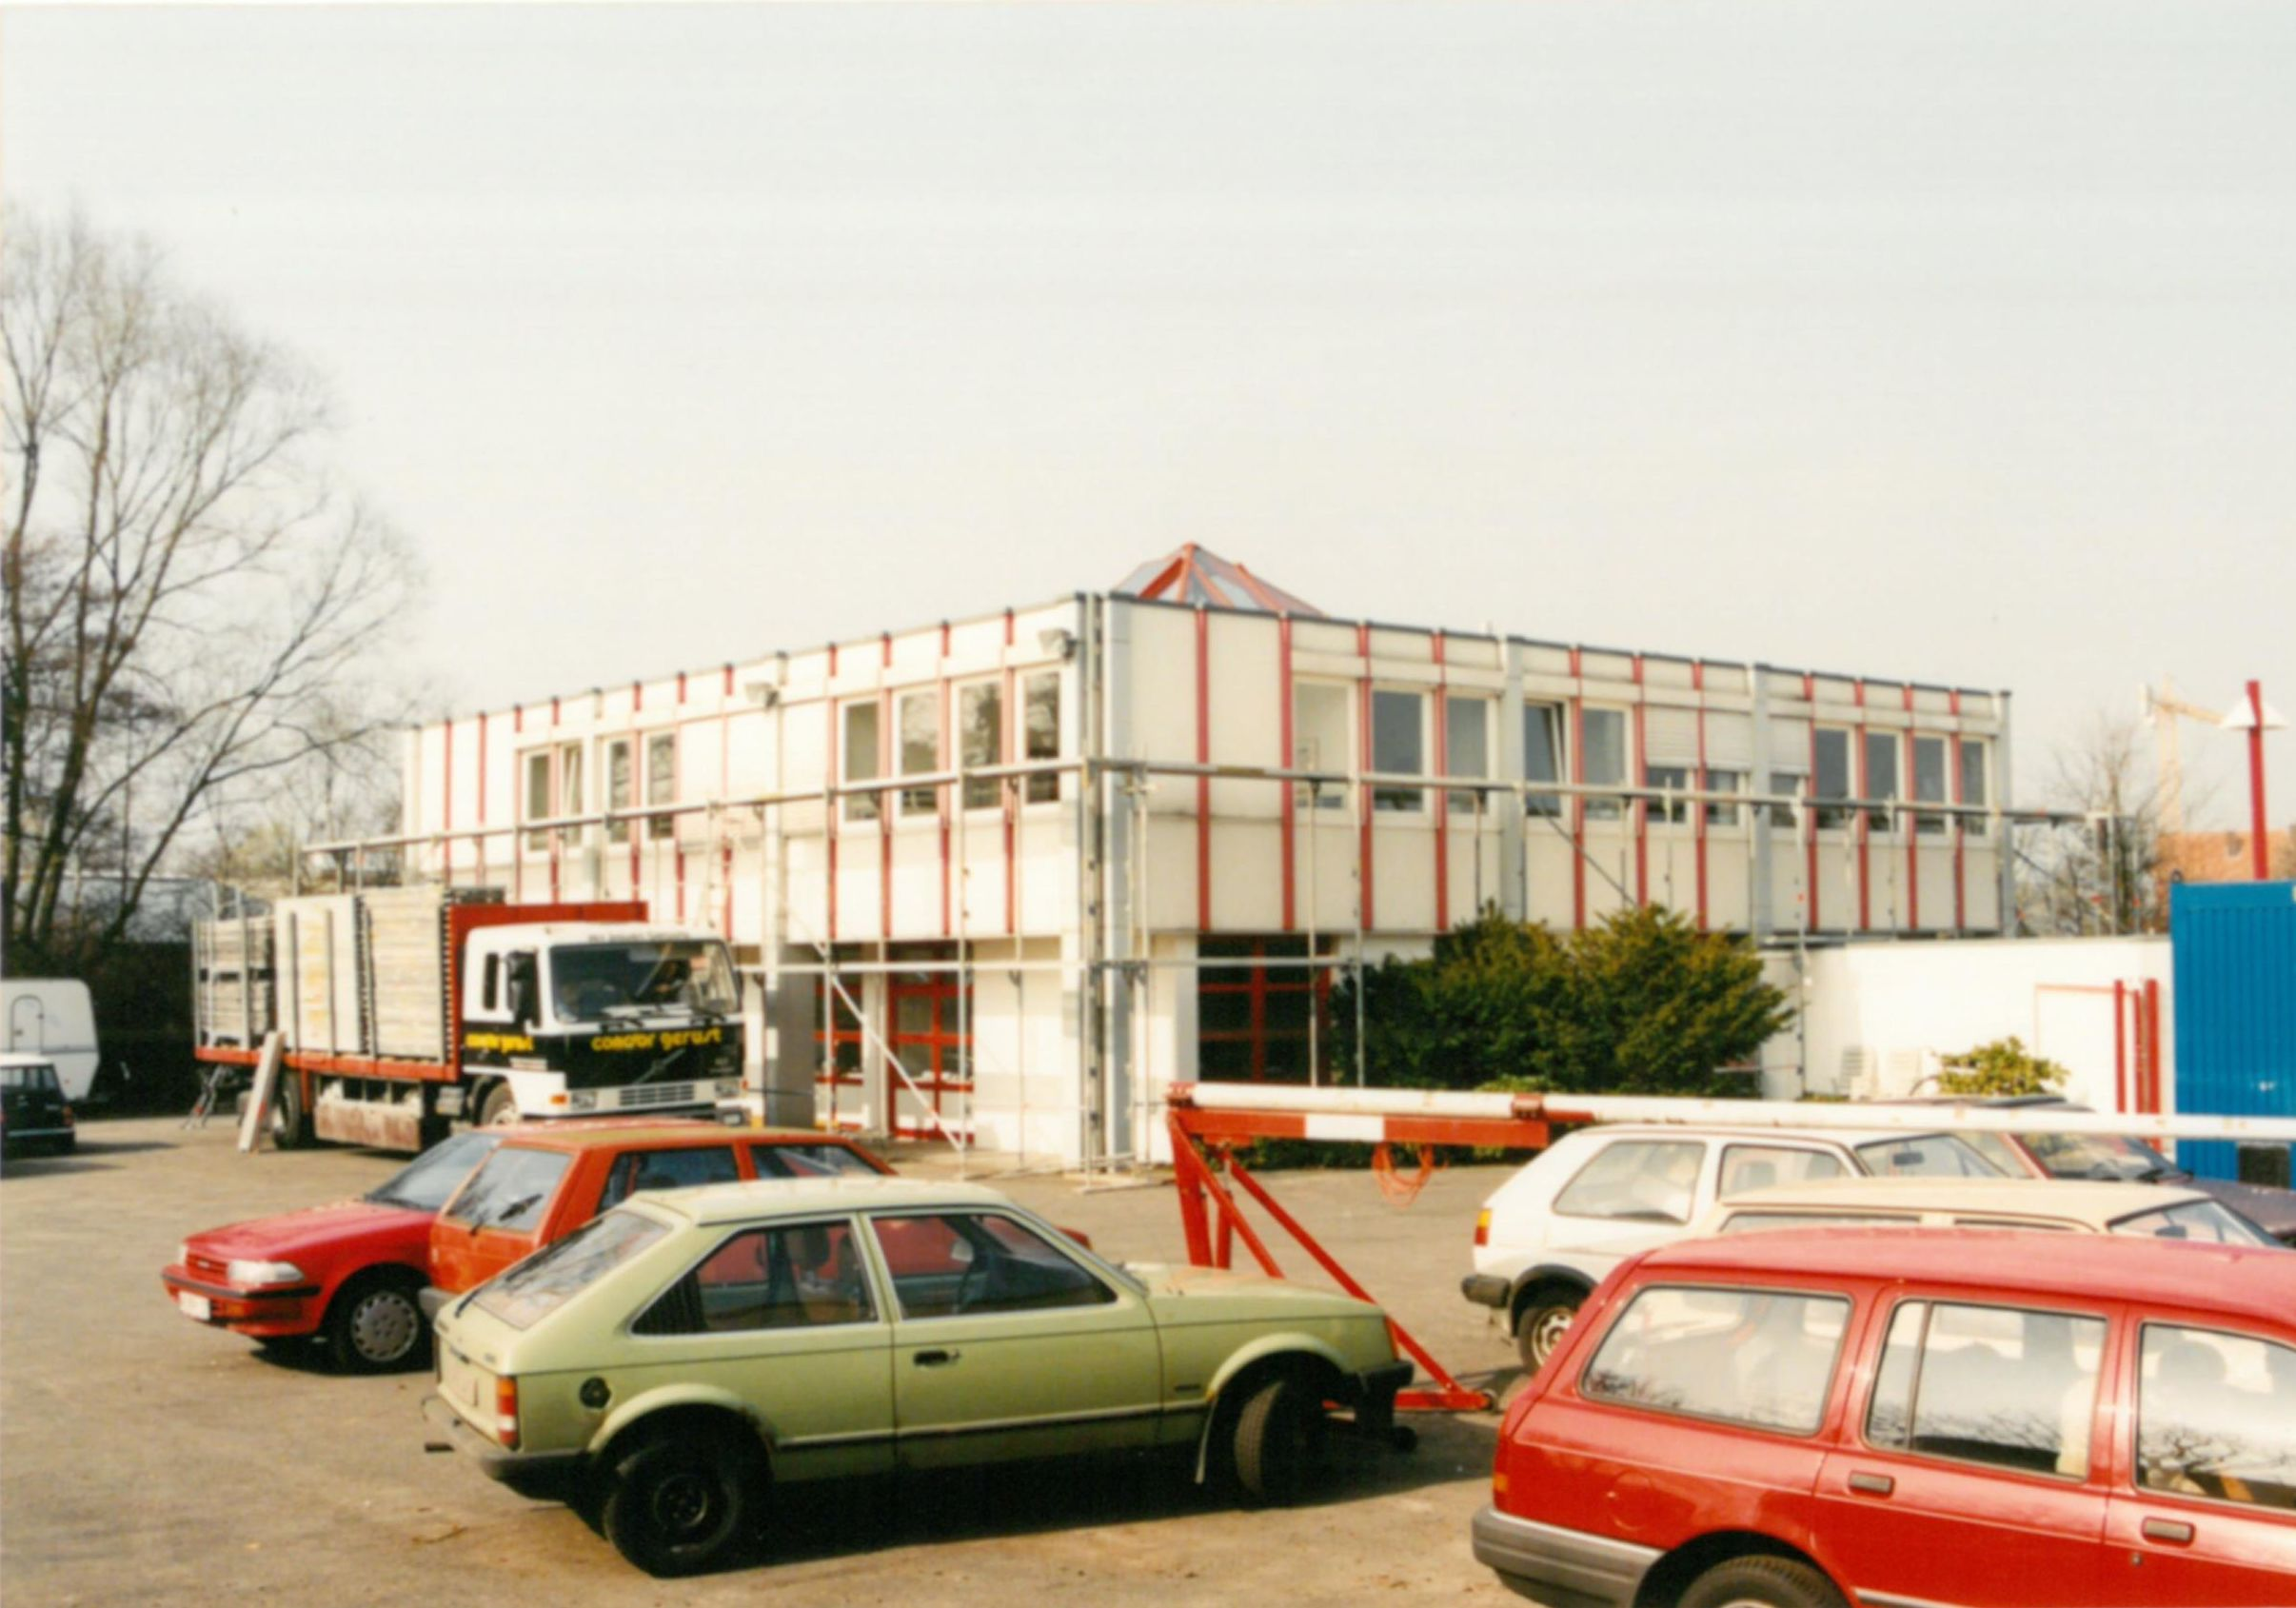 Ursprüngliche Gebäudeform vor dem Umbau 1997